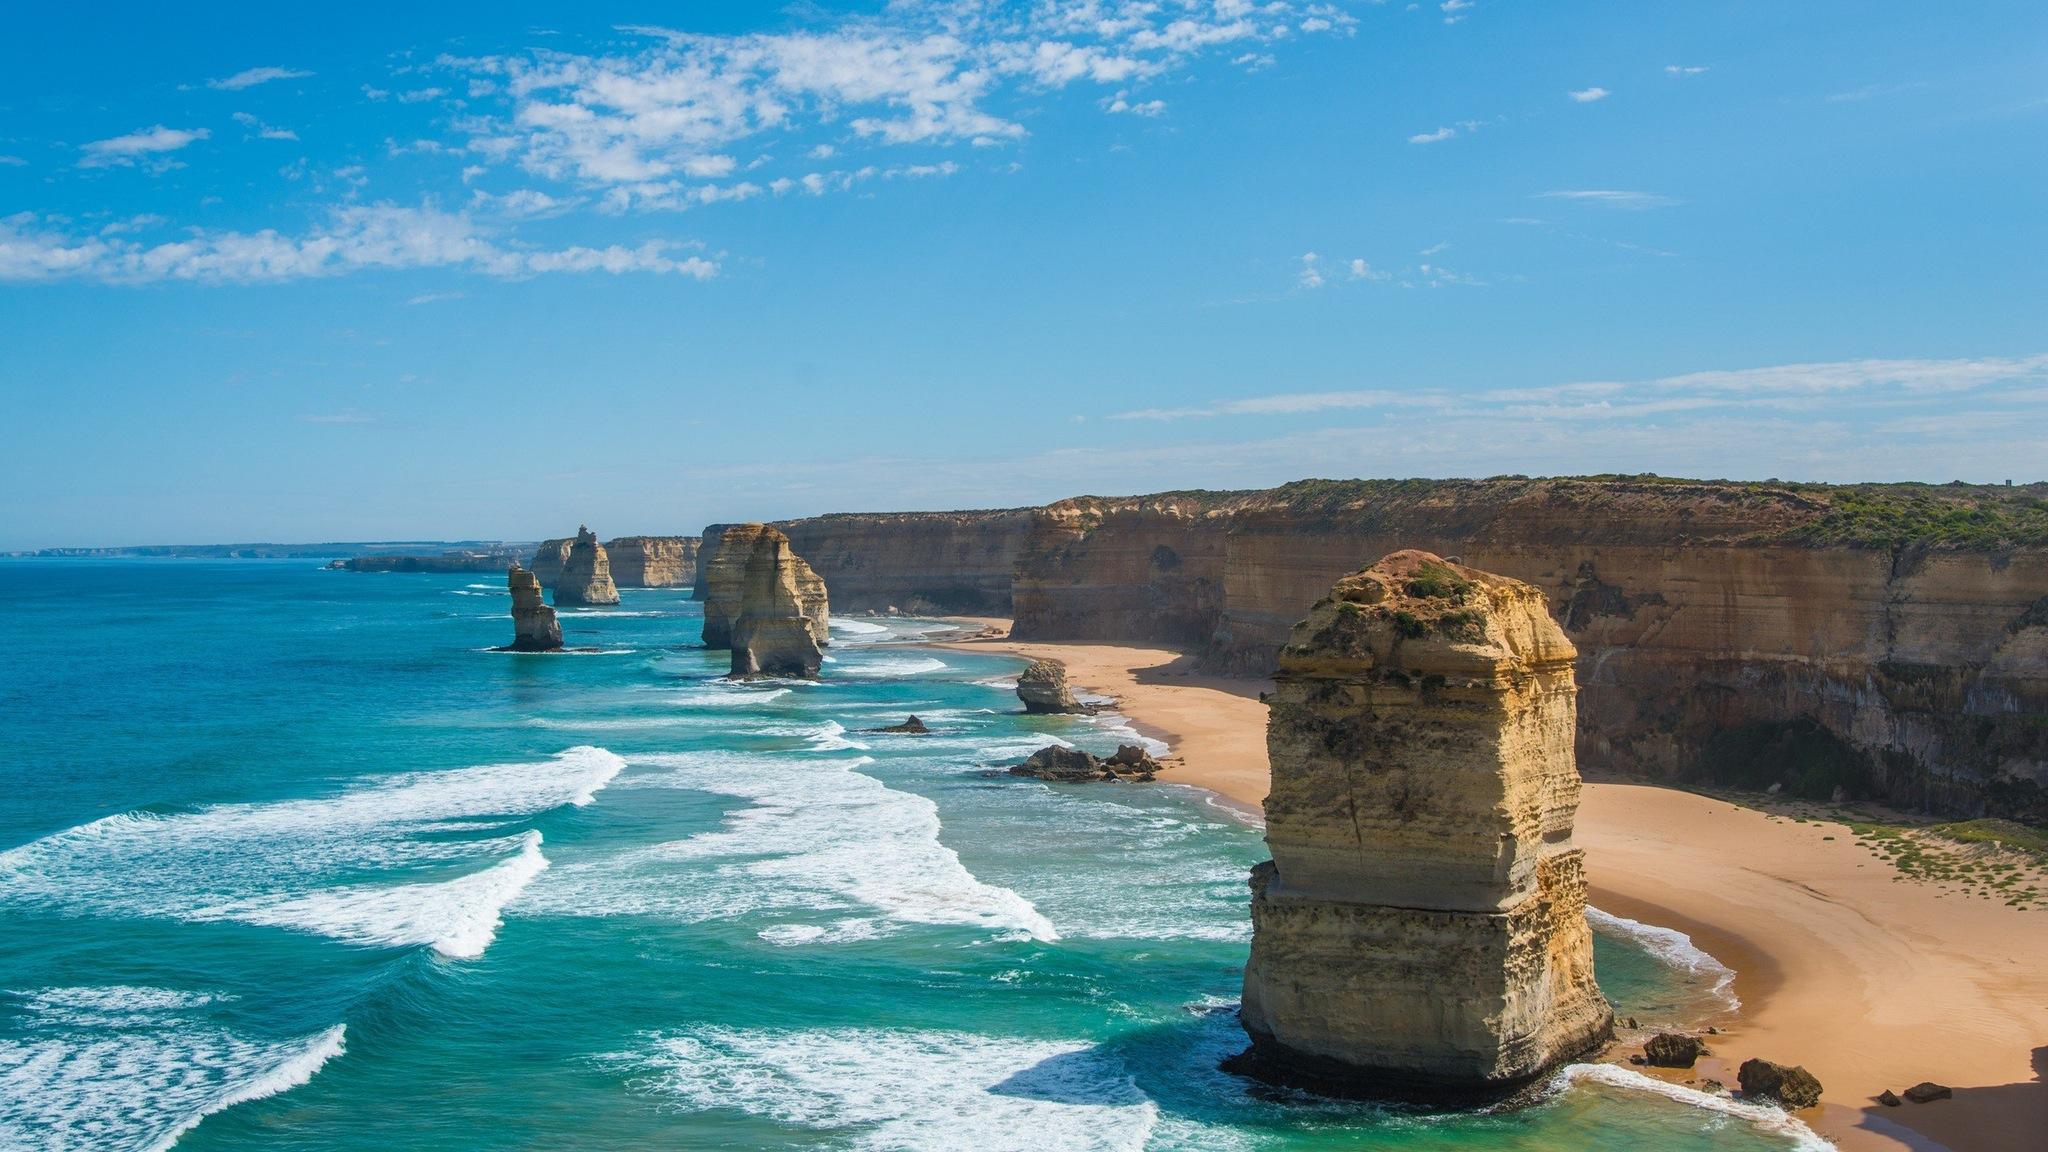 12 Apostles, Great Ocean Road, Victoria, Australia